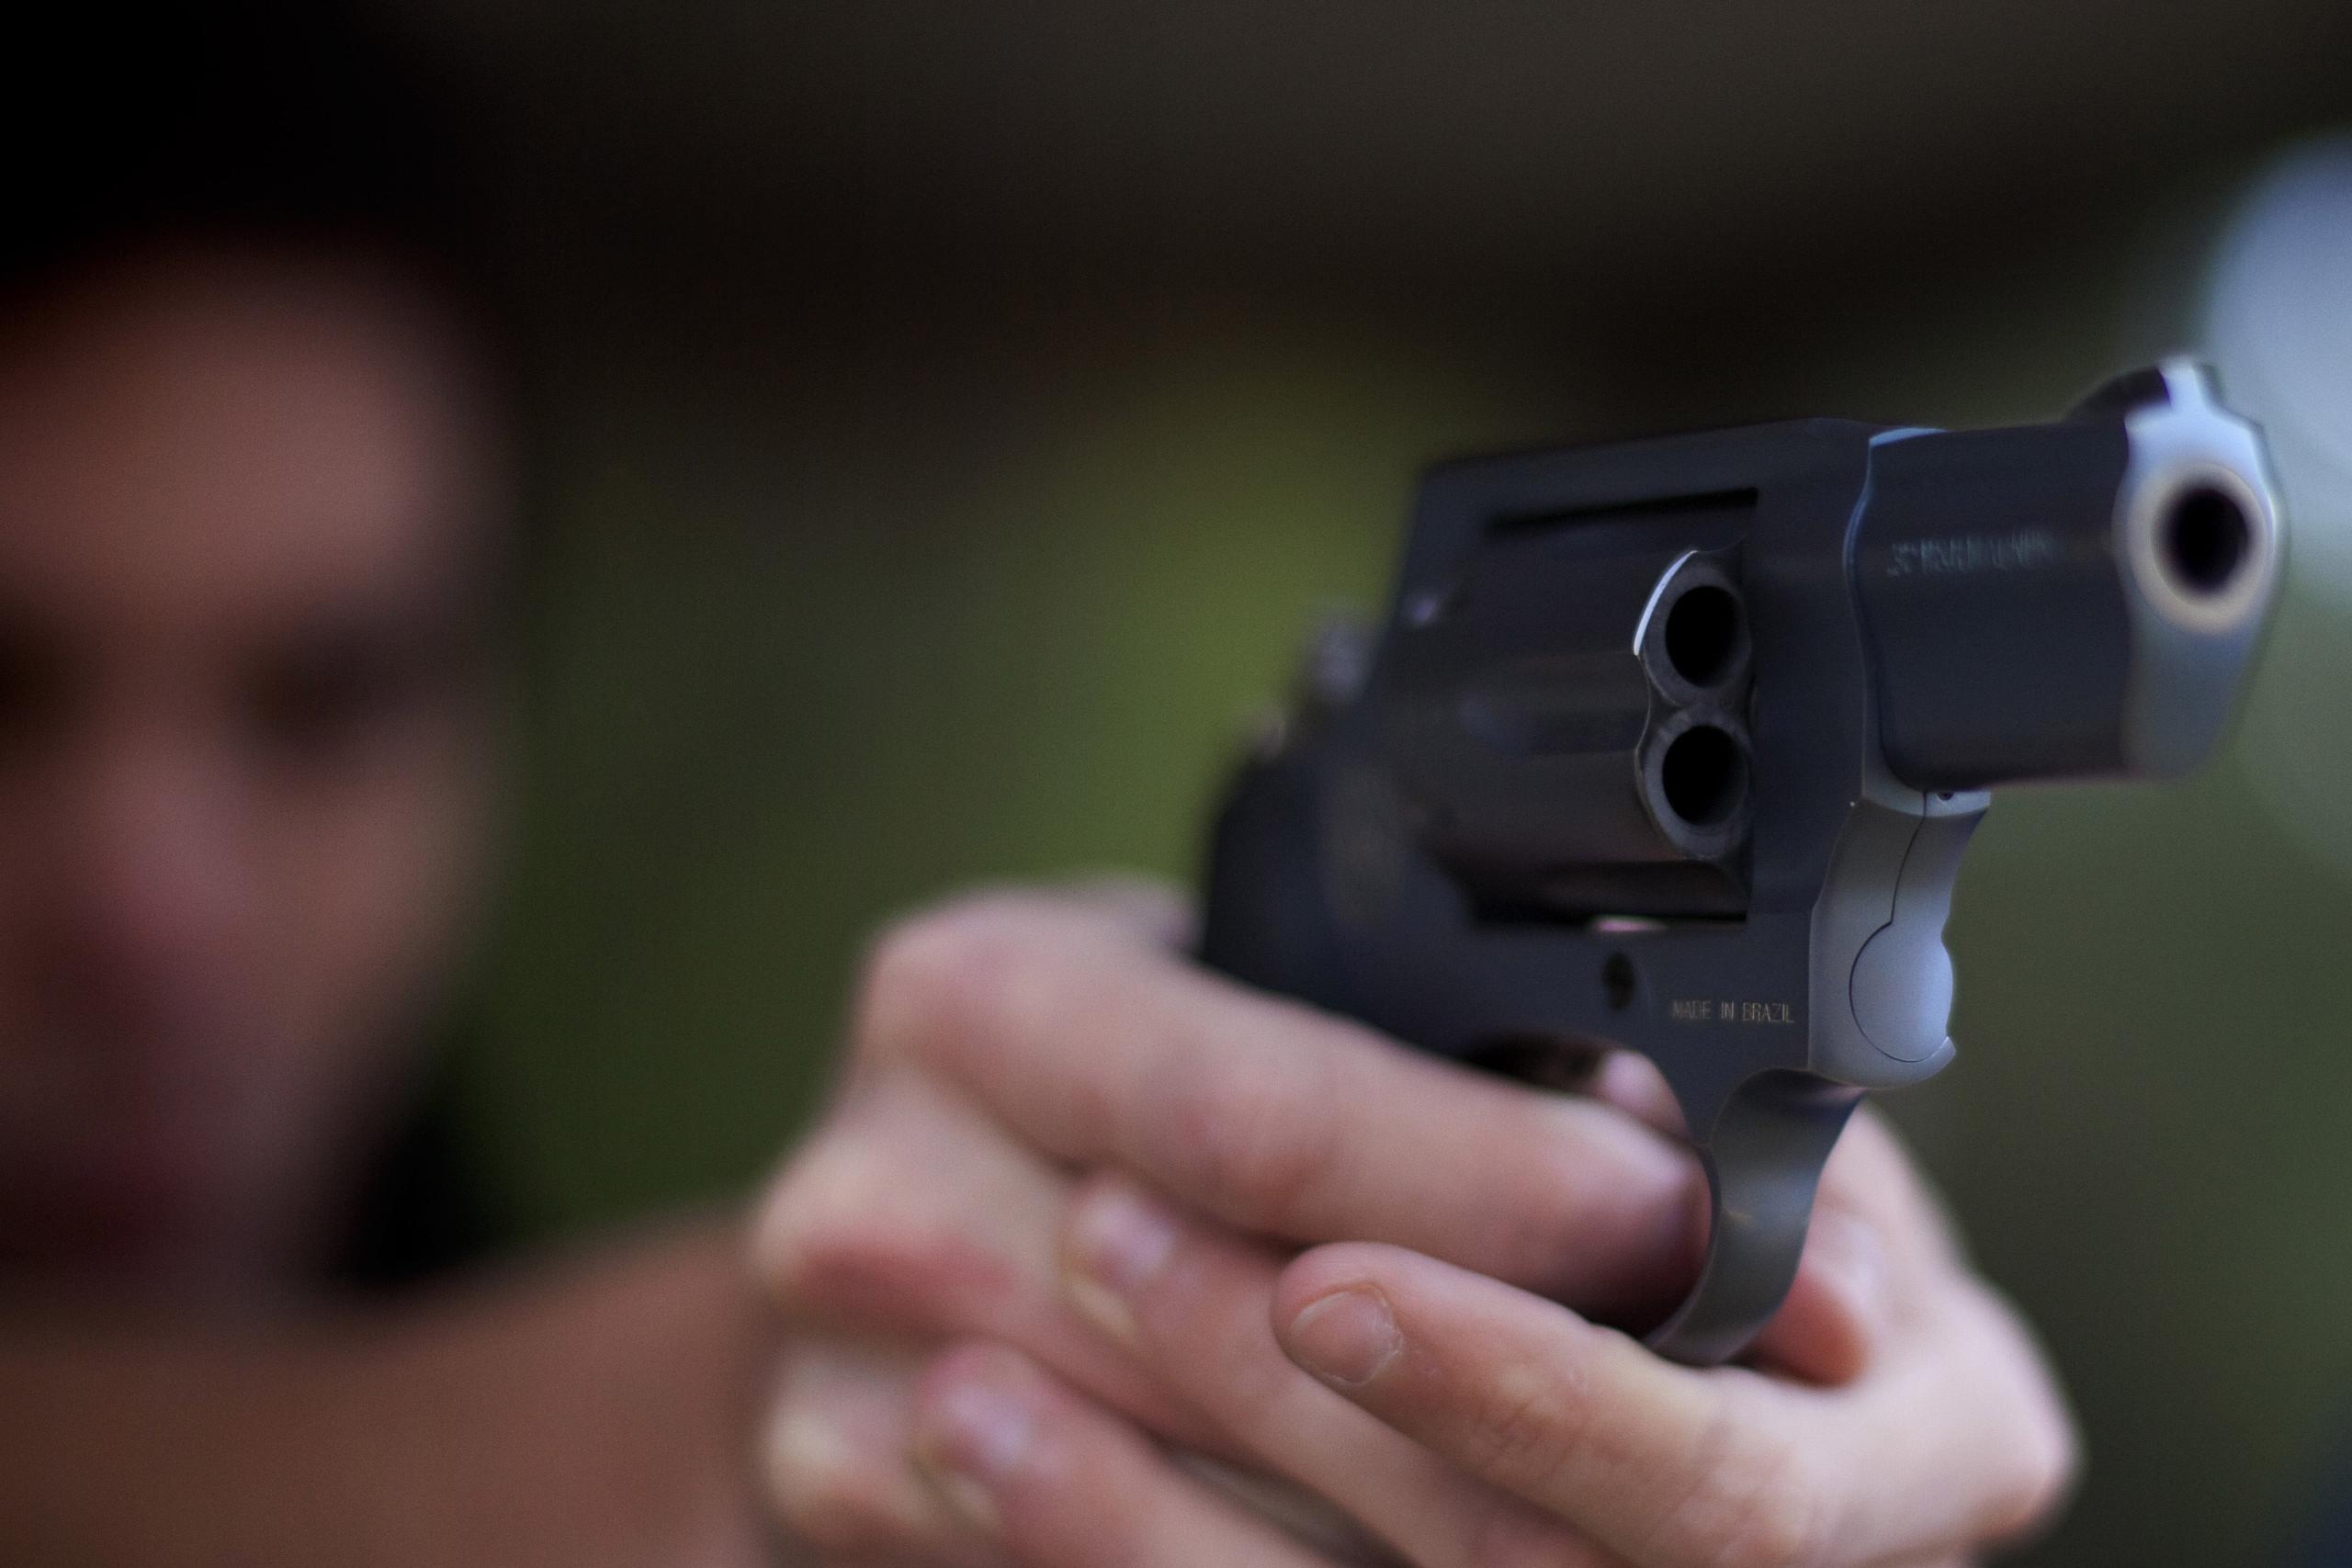 Brasil com queda de 25% de homicídios nos primeiros dois meses do ano